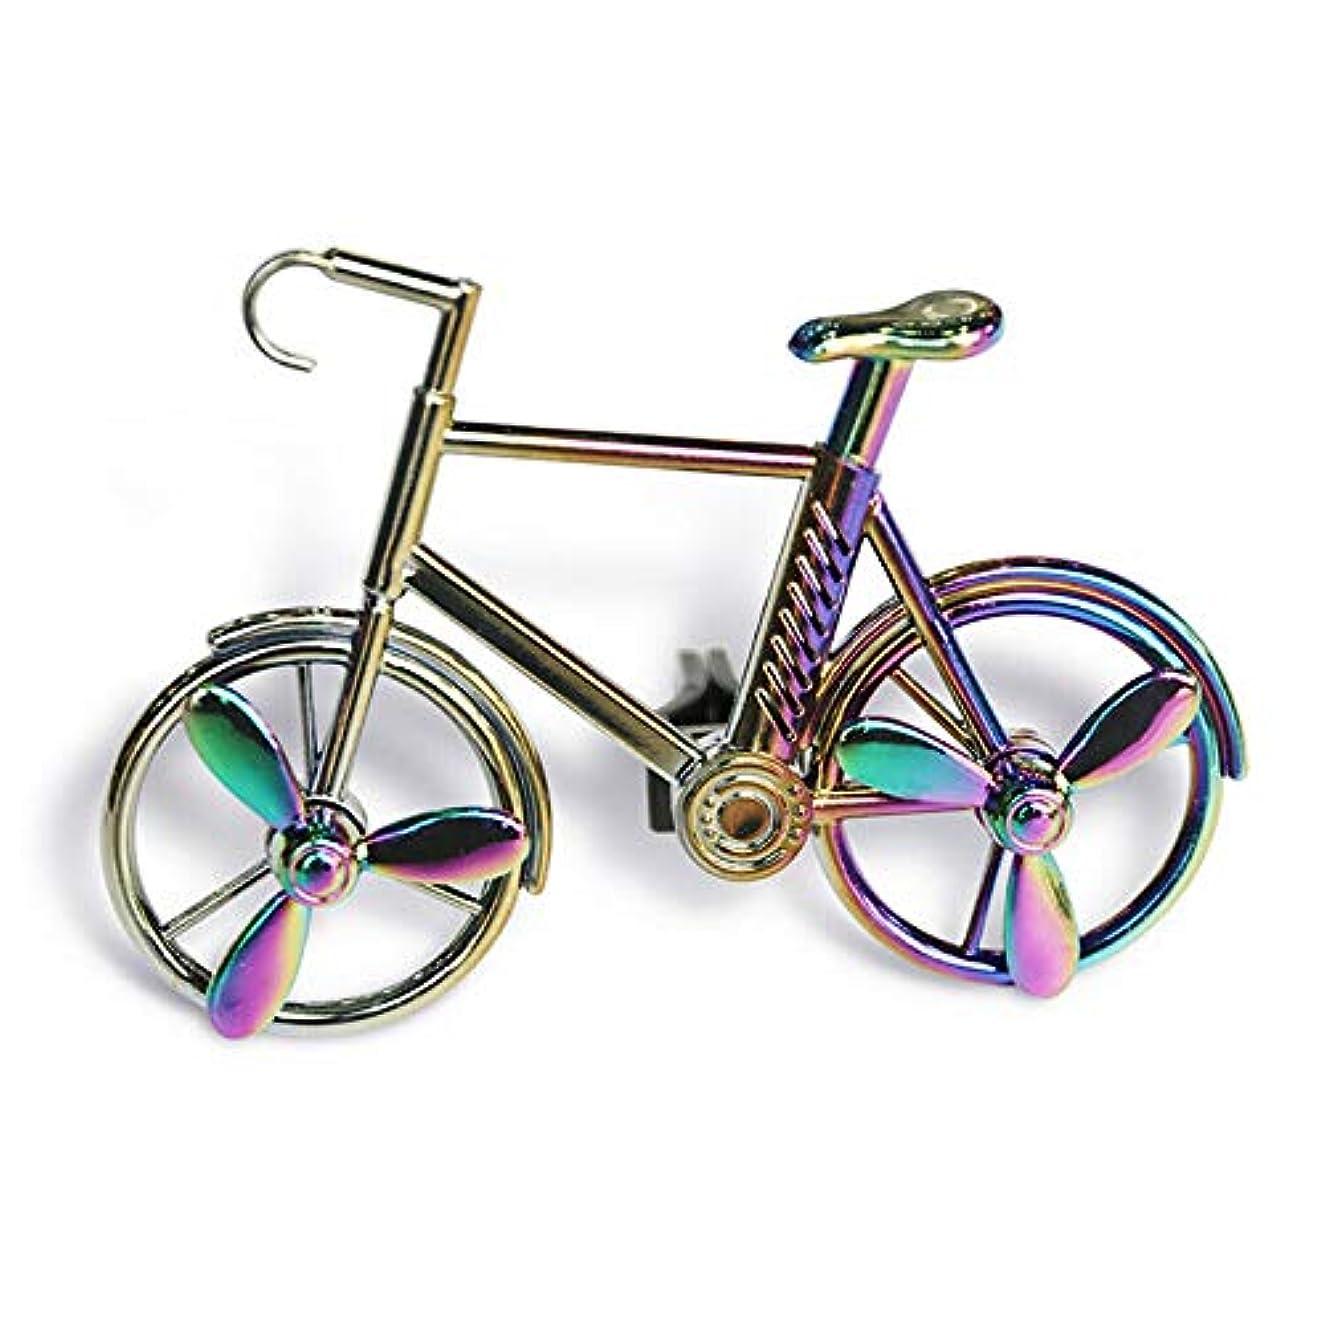 さておき寛大さ服を着るSymboat 車の芳香剤車の出口のアロマセラピーの自動車付属品の自転車の装飾品の固体芳香車の香水